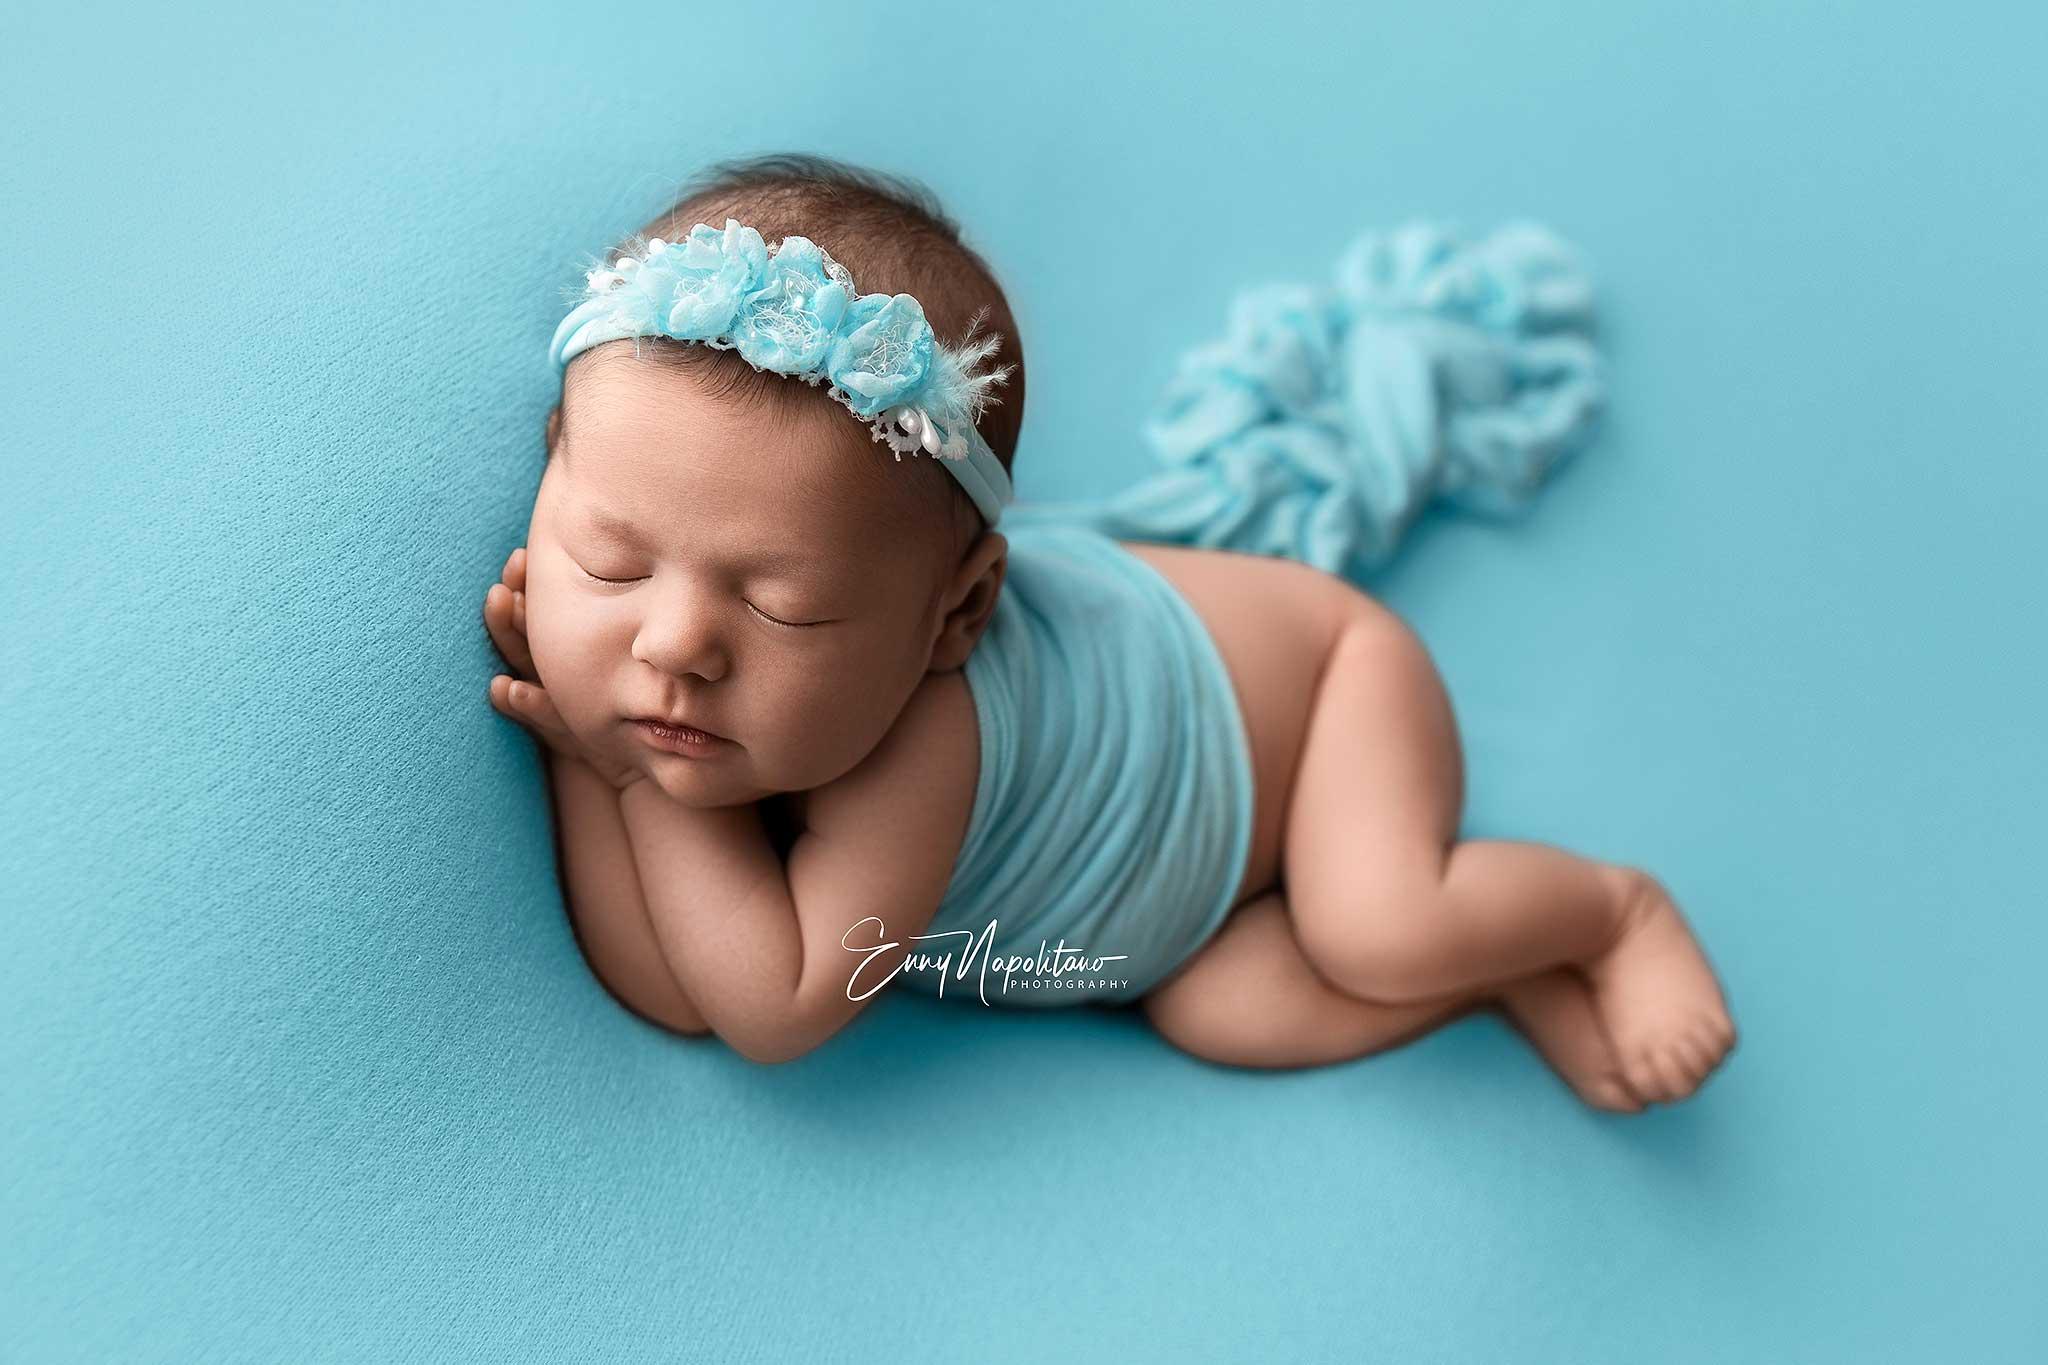 Fotografia di una neonata che dorme in posa di lato (side pose) su una coperta azzurra